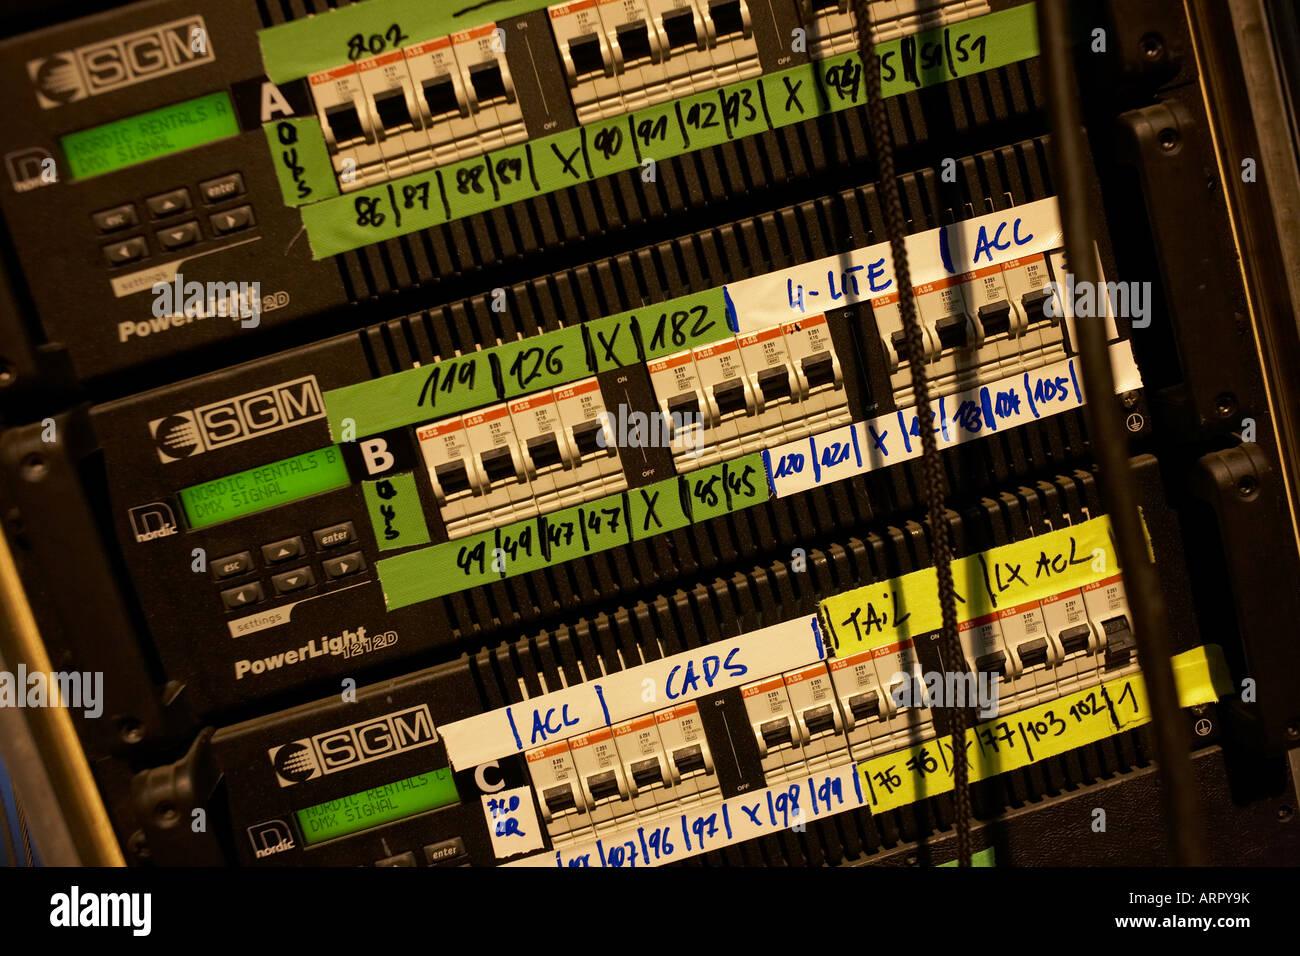 Ausgang digital audio-Geräte Technologie Zugehörigkeit zu rock Band Status Quo auf Europa-Tournee am L'Aeronef Stockbild